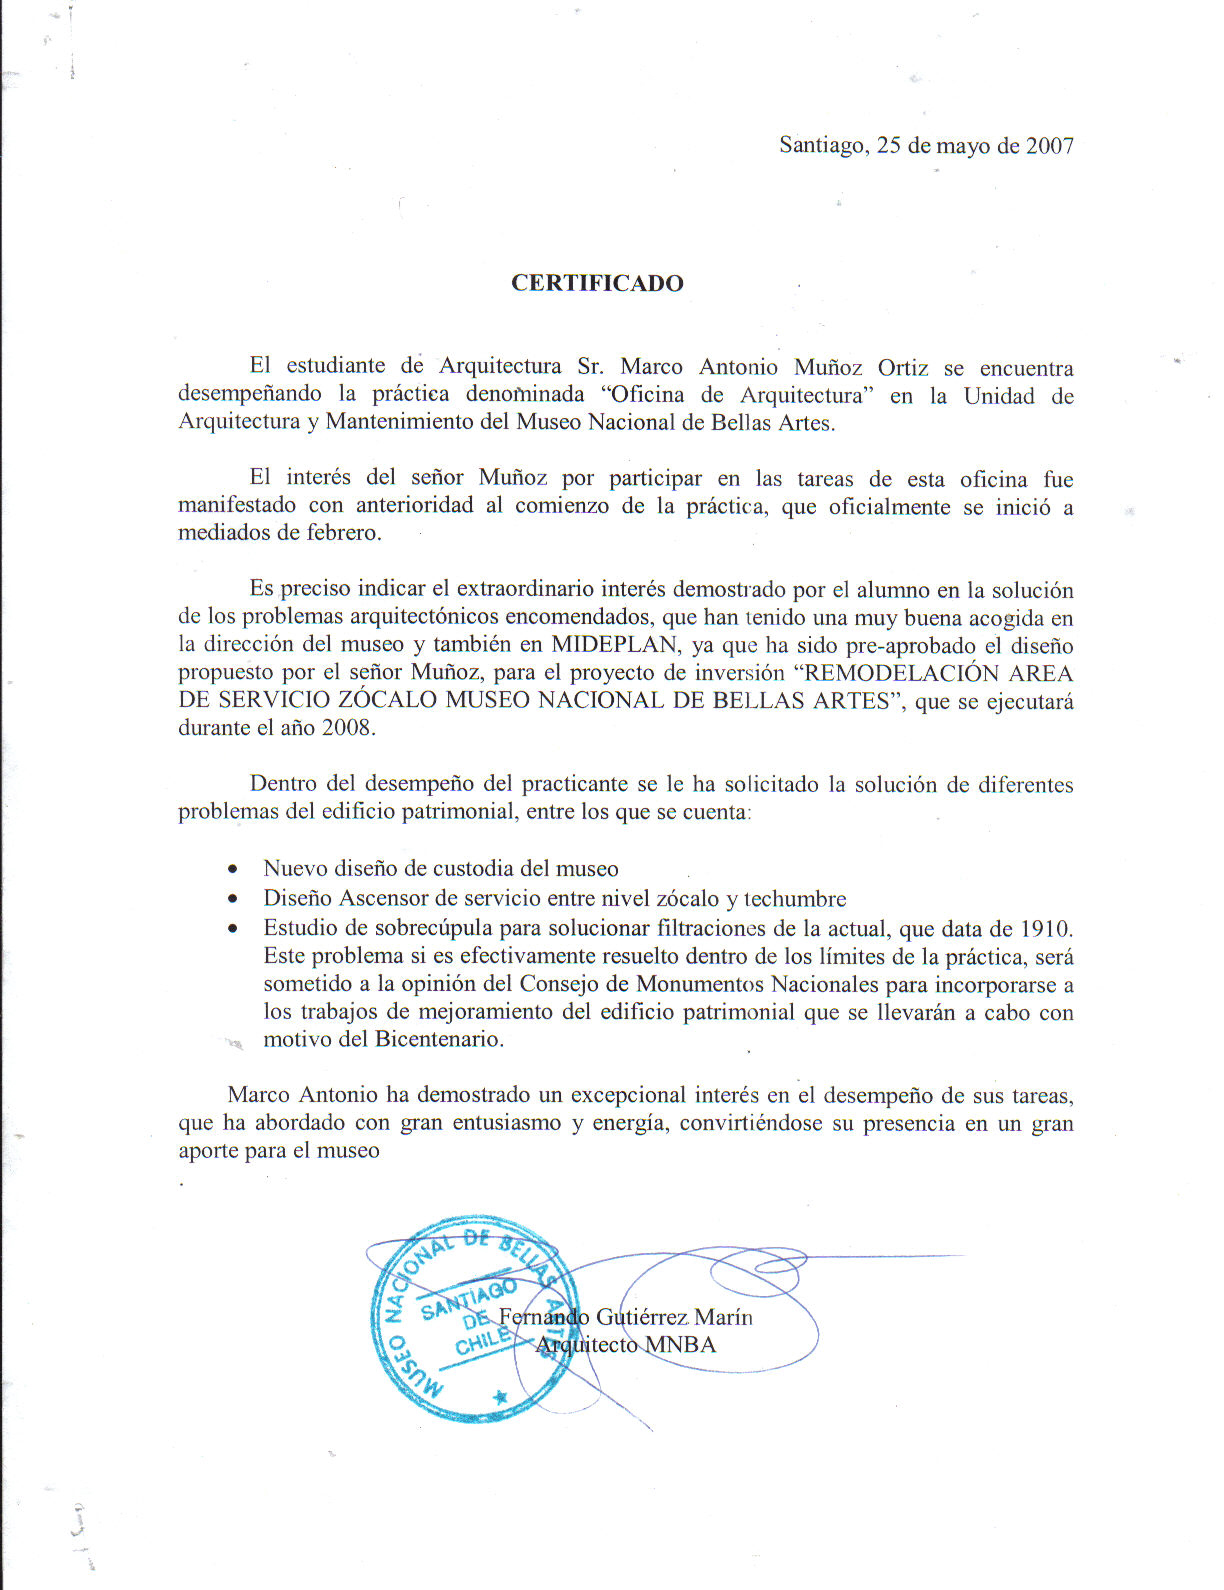 Un profesor de Economía en el Juan del Enzina: Secretaría y archivo